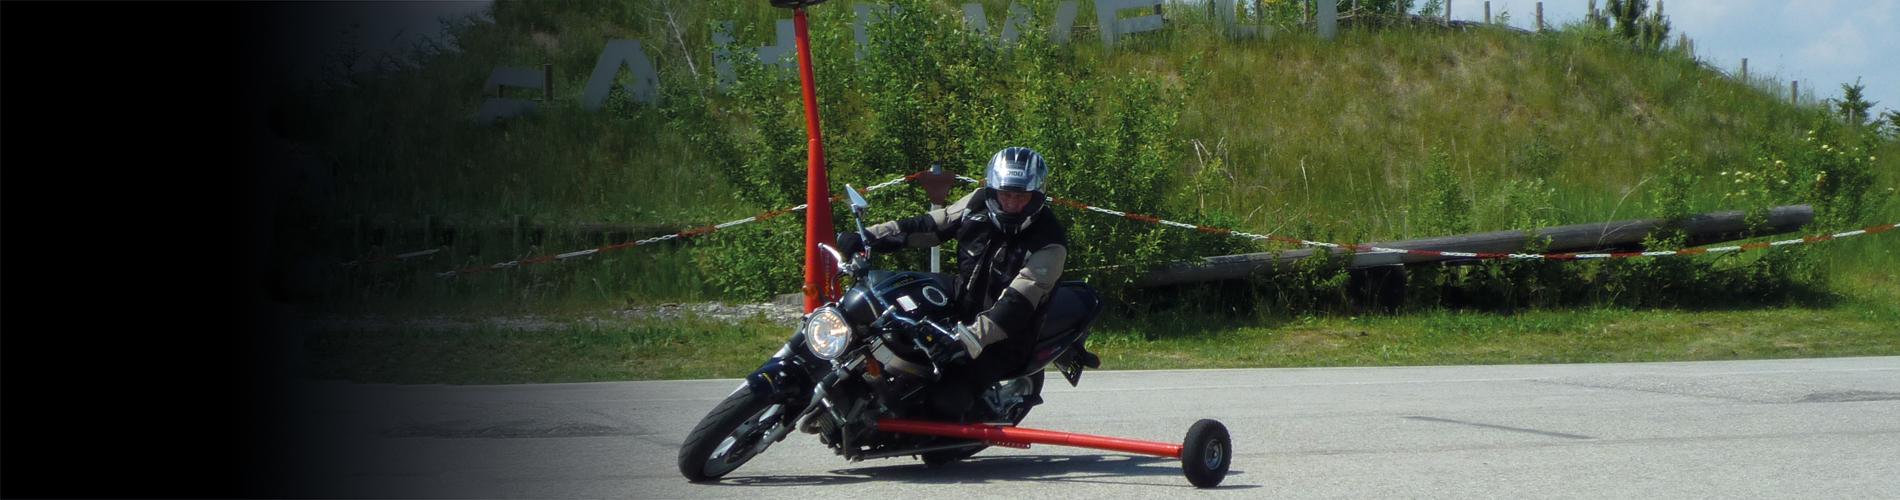 Motorrad Schräglagentraining Kurventraining